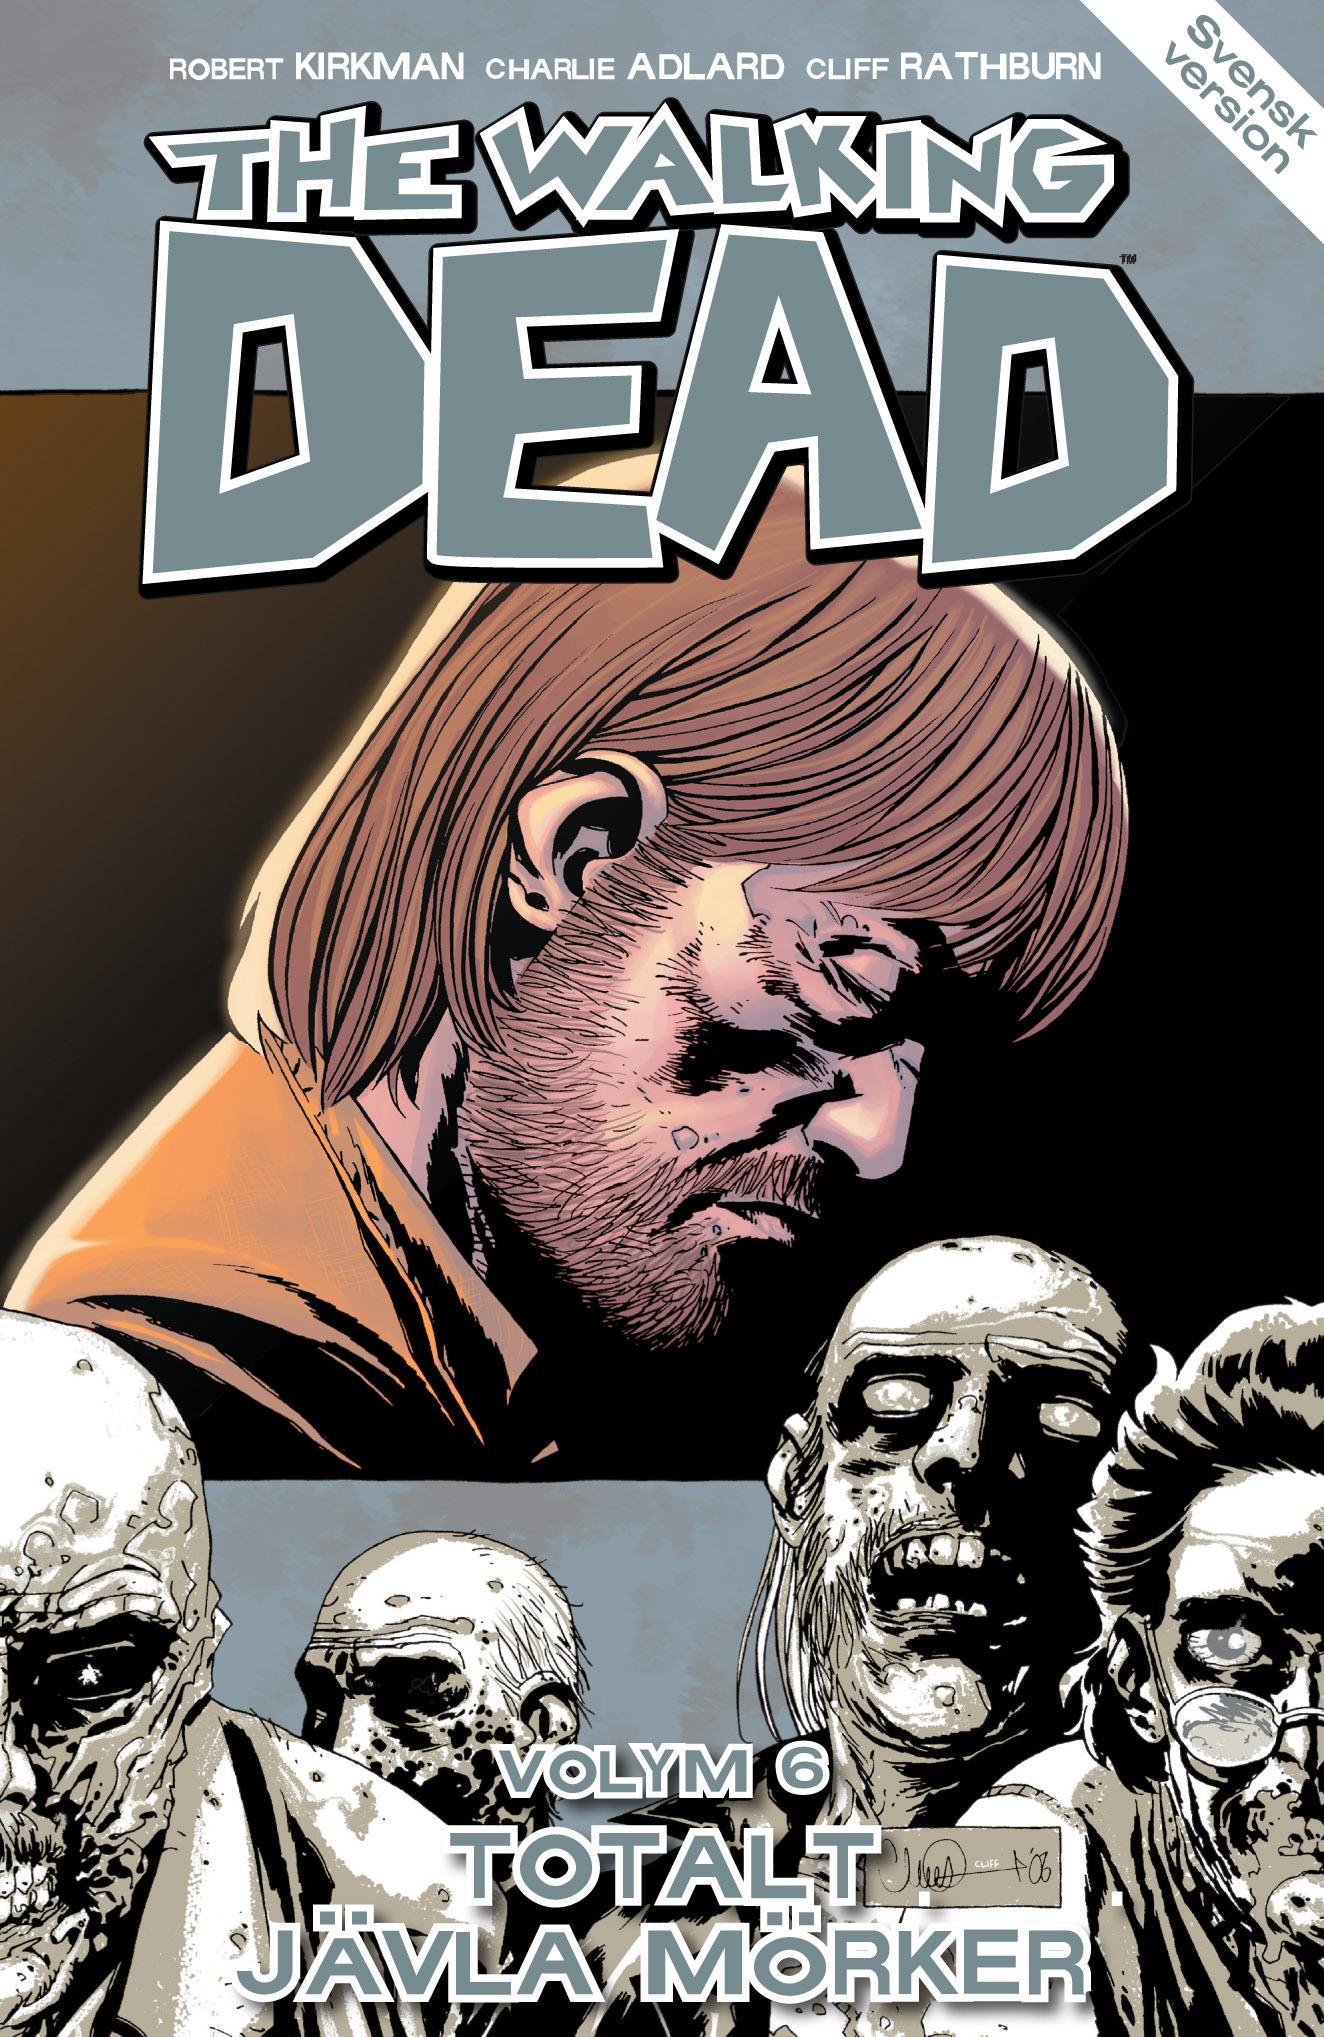 The Walking Dead volym 6. Totalt jävla mörker av Robert Kirkman